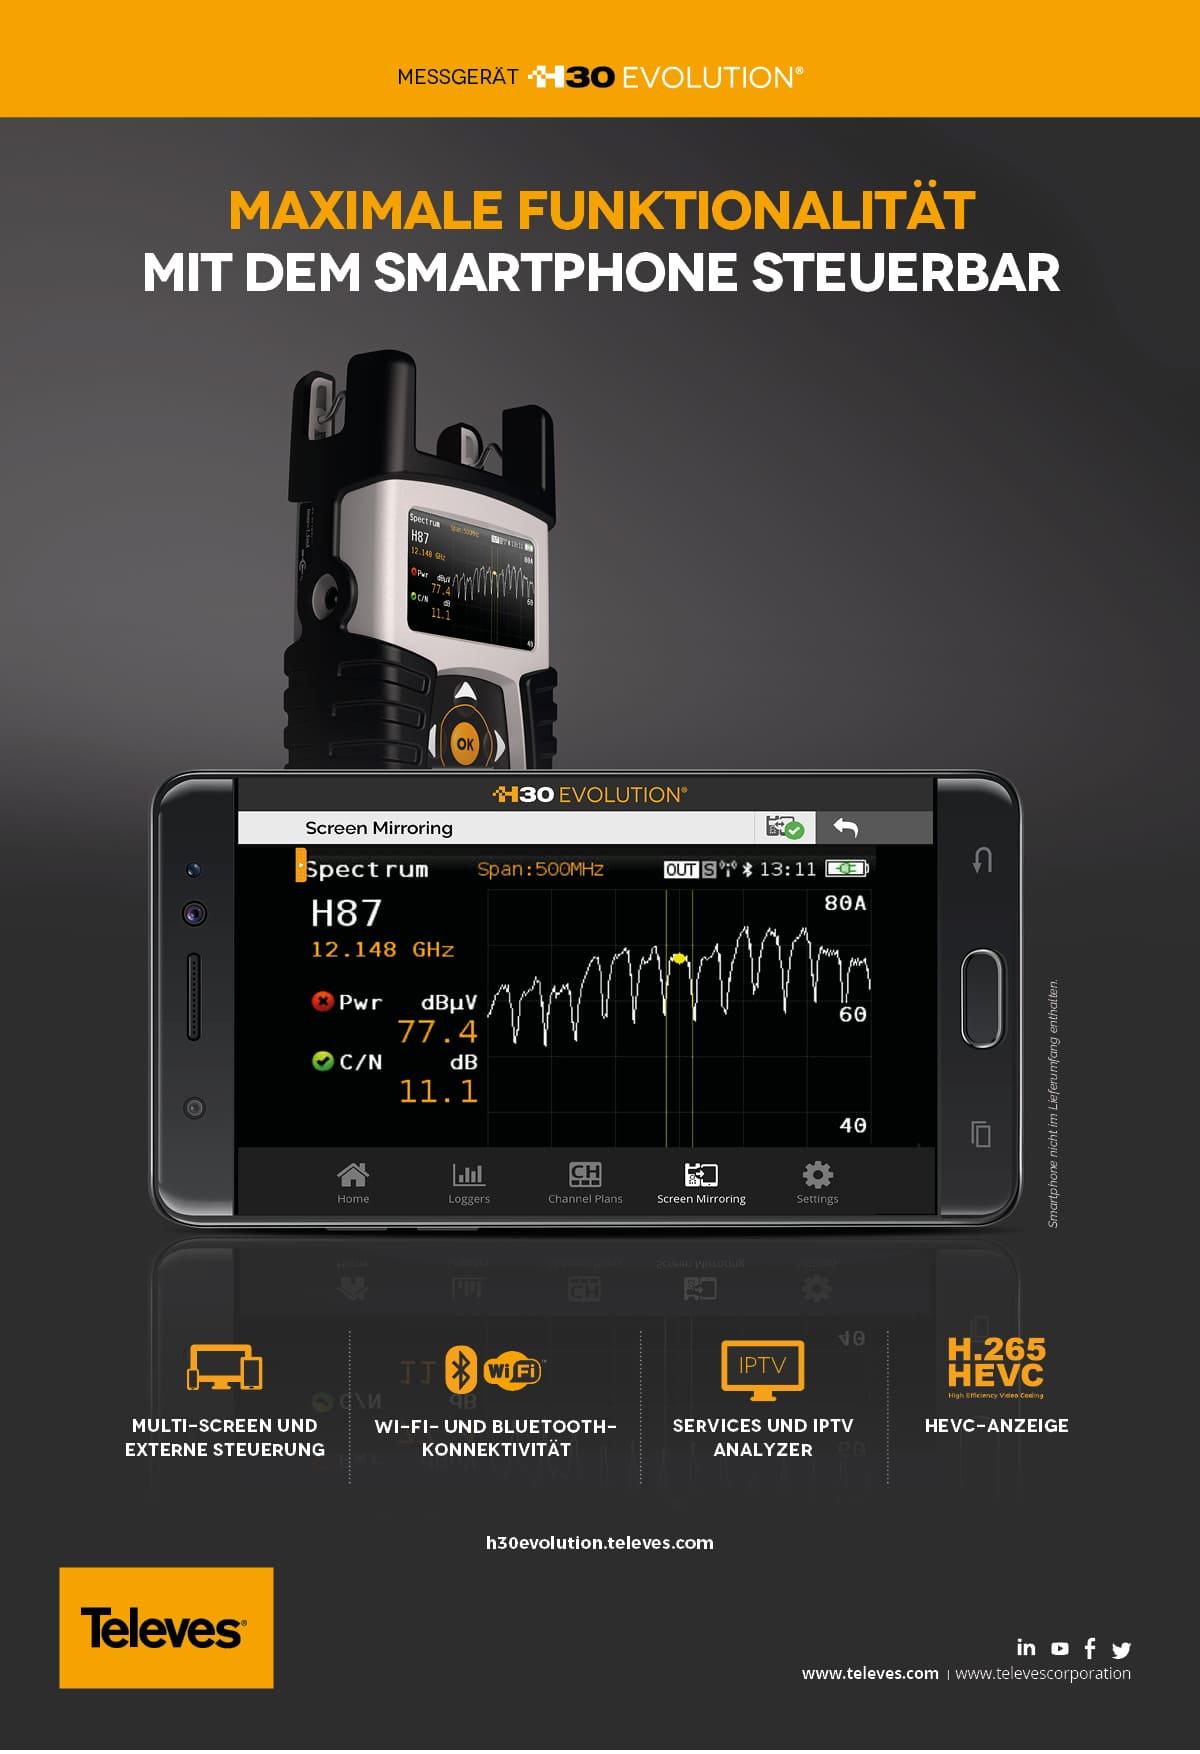 H30EVOLUTION maximale funktionalität mit dem smartphone steuerbar